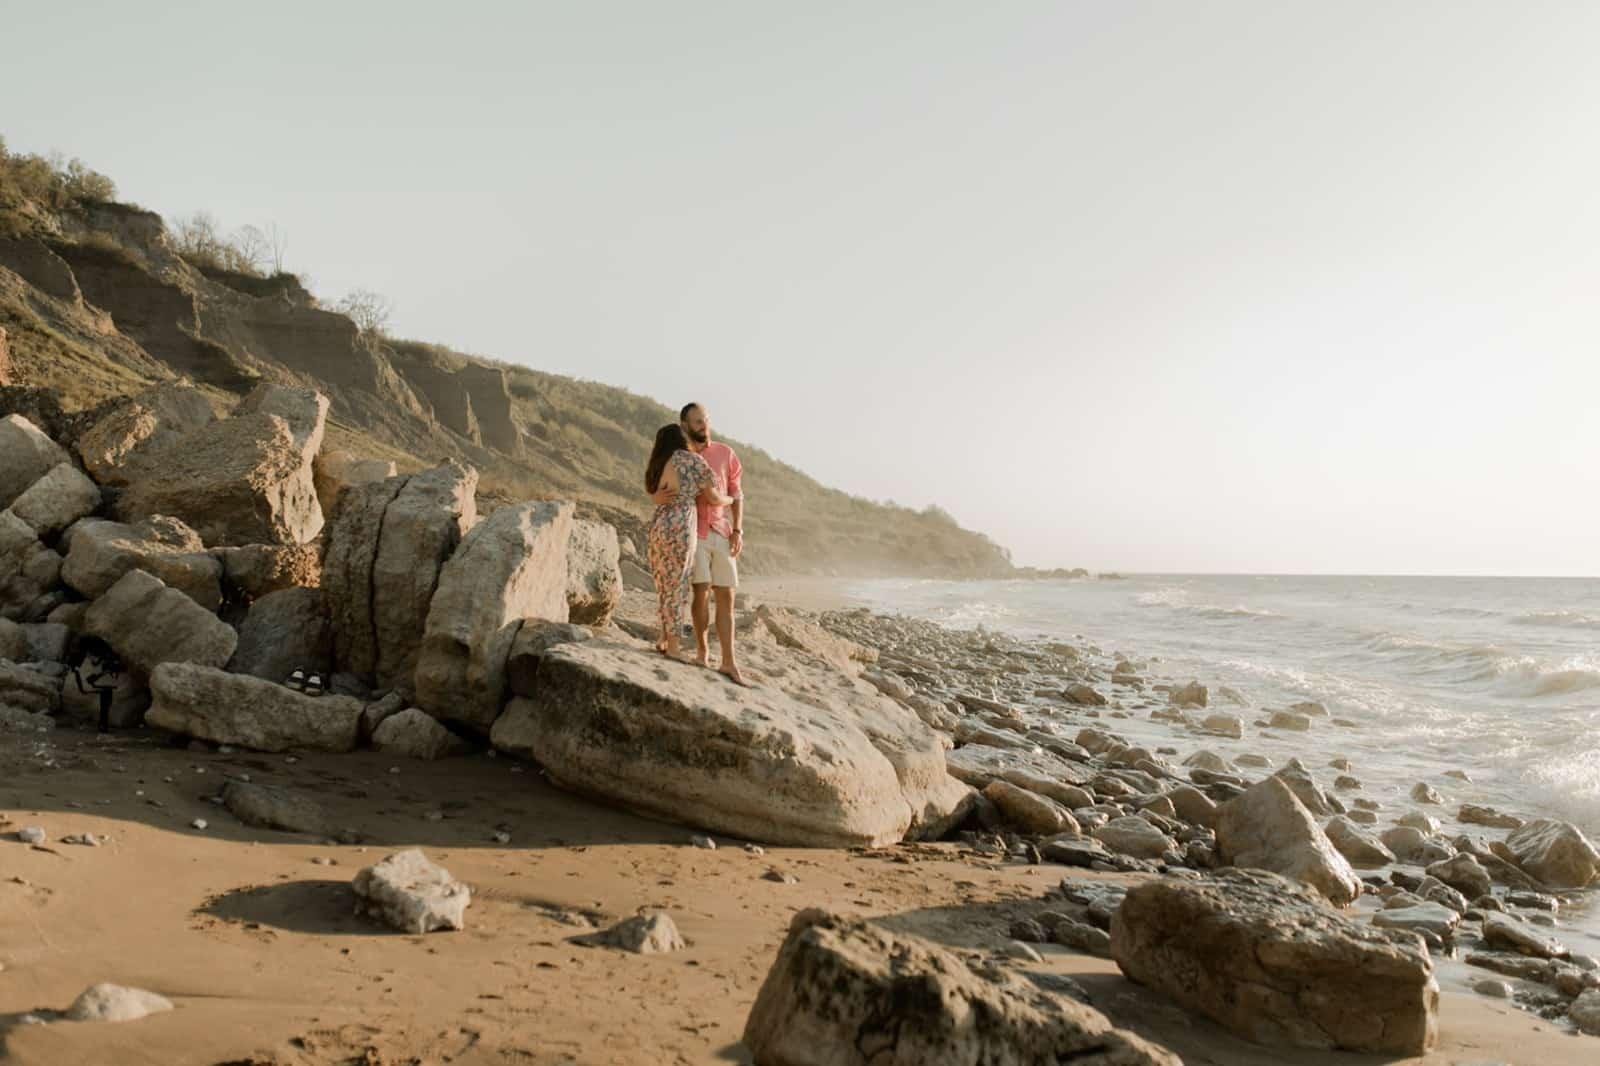 séance couple camille julien villers sur mer normandie